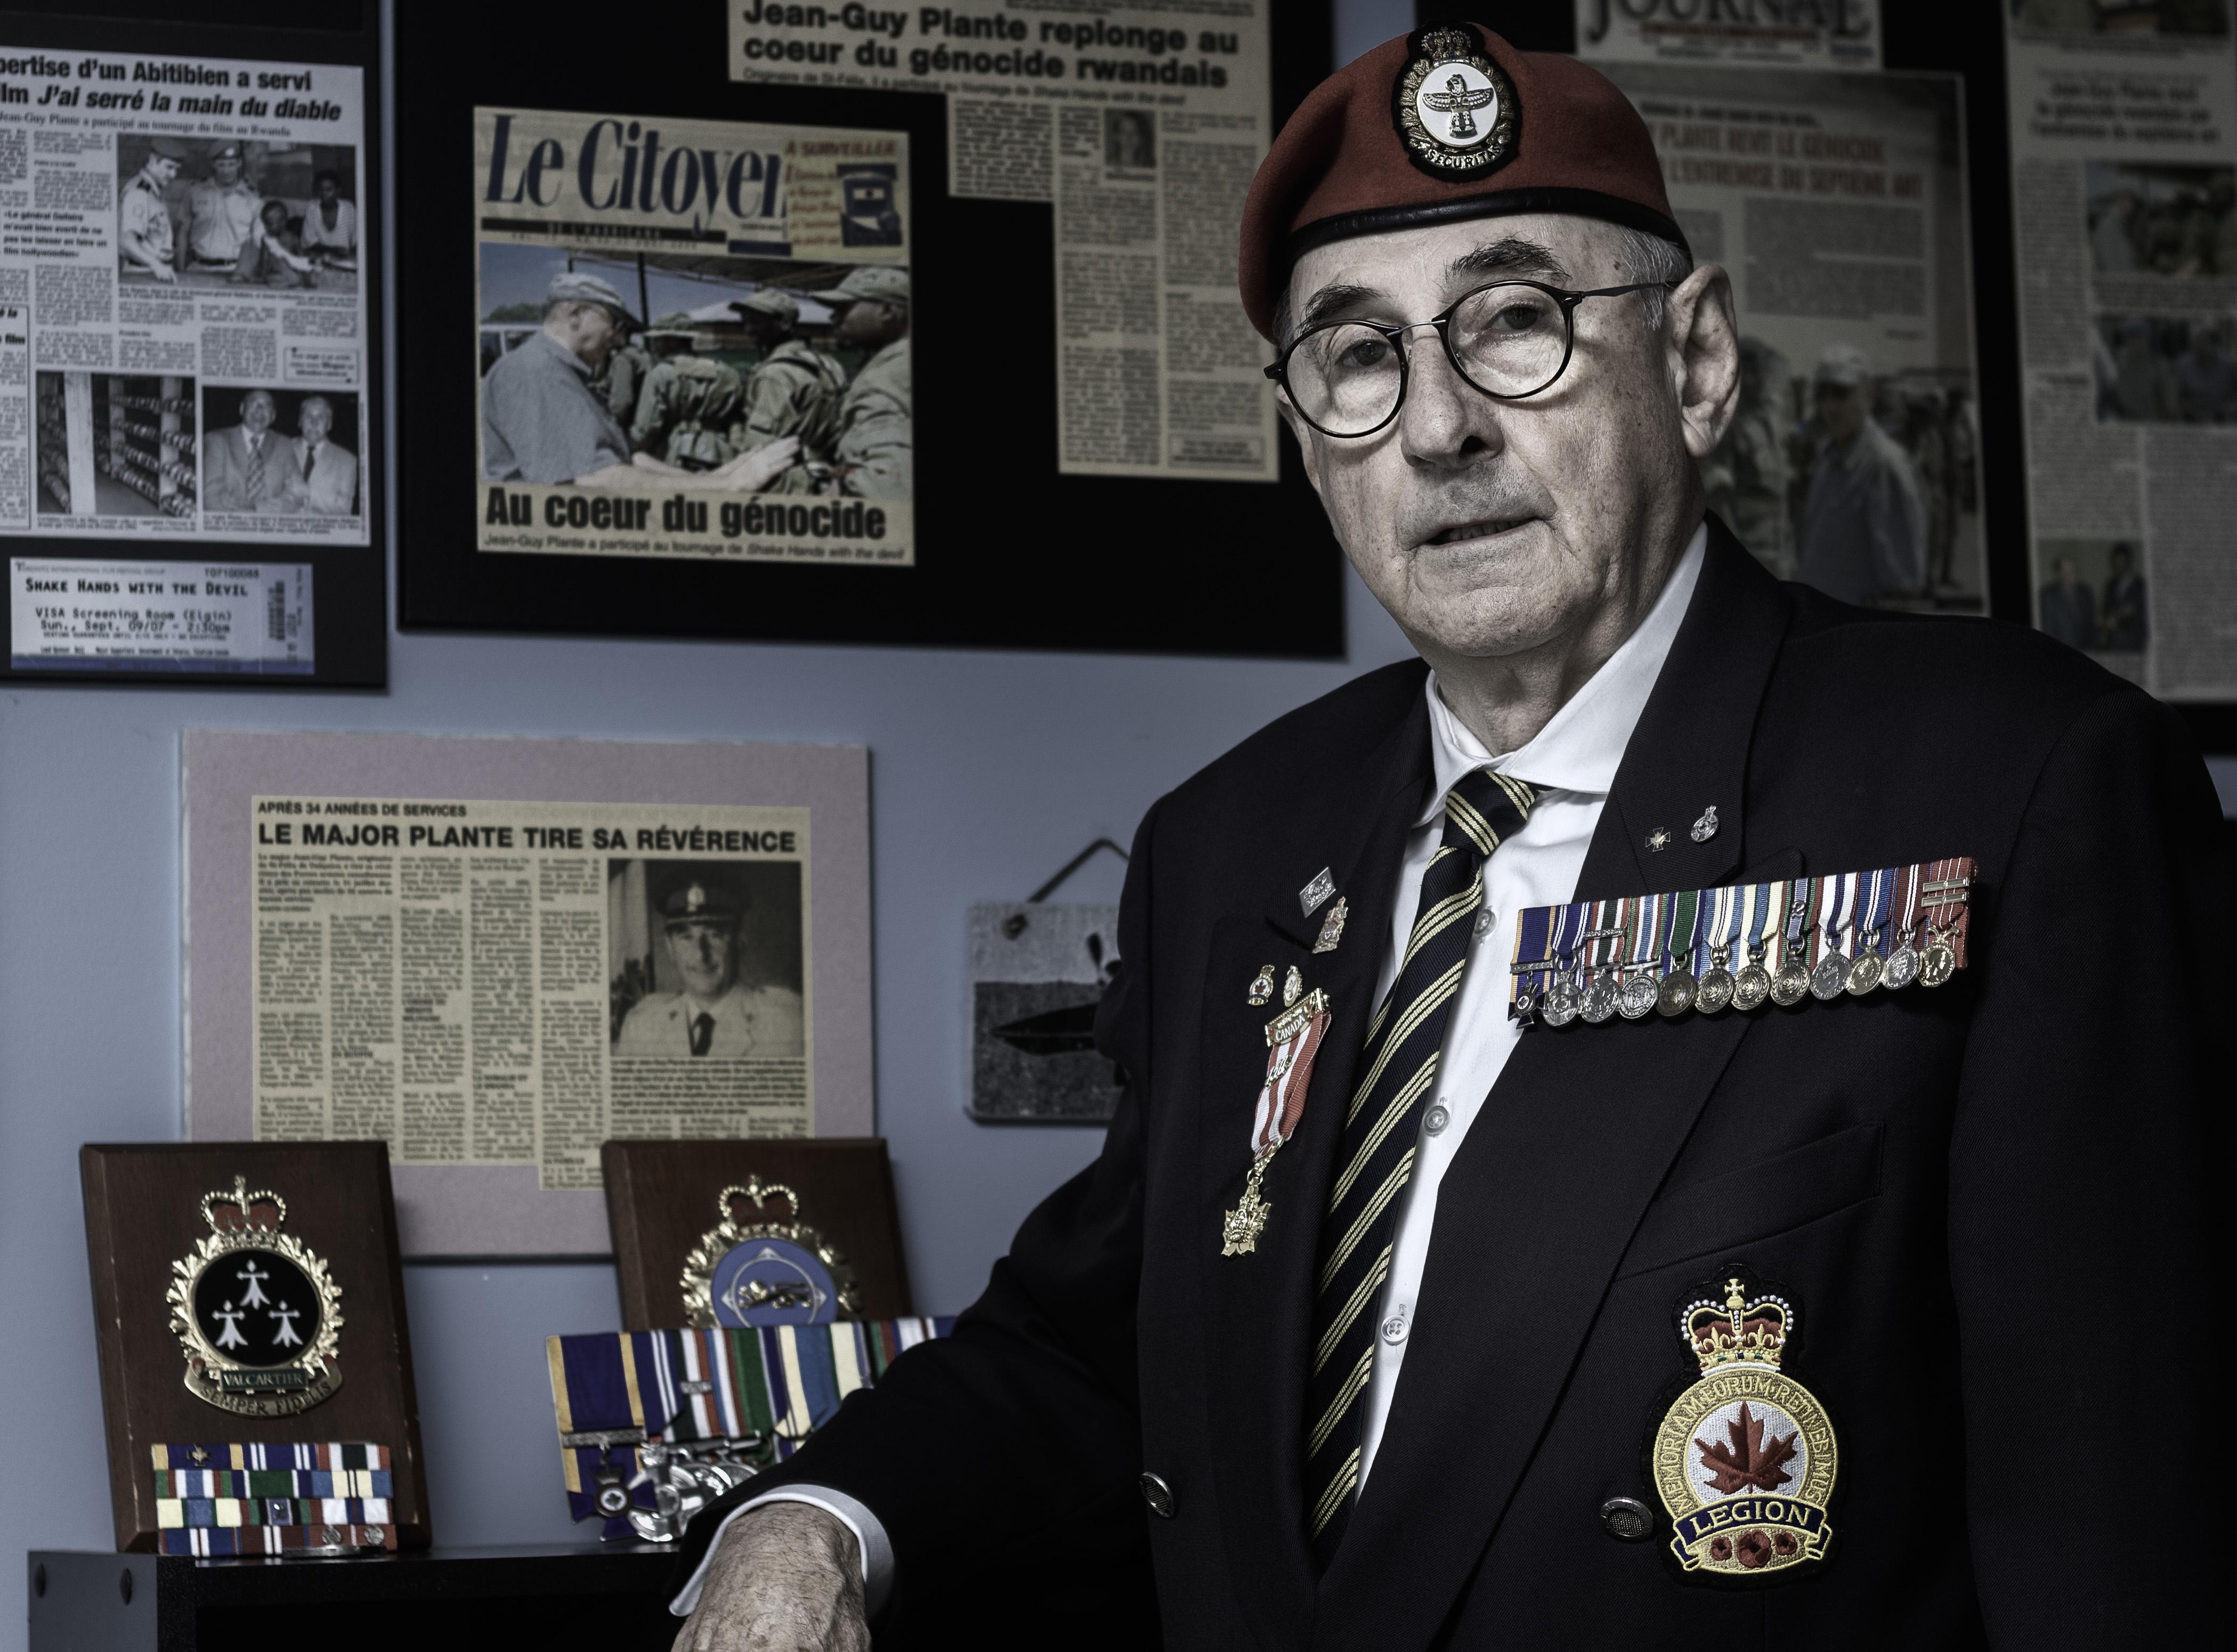 Major Jean-Guy Plante